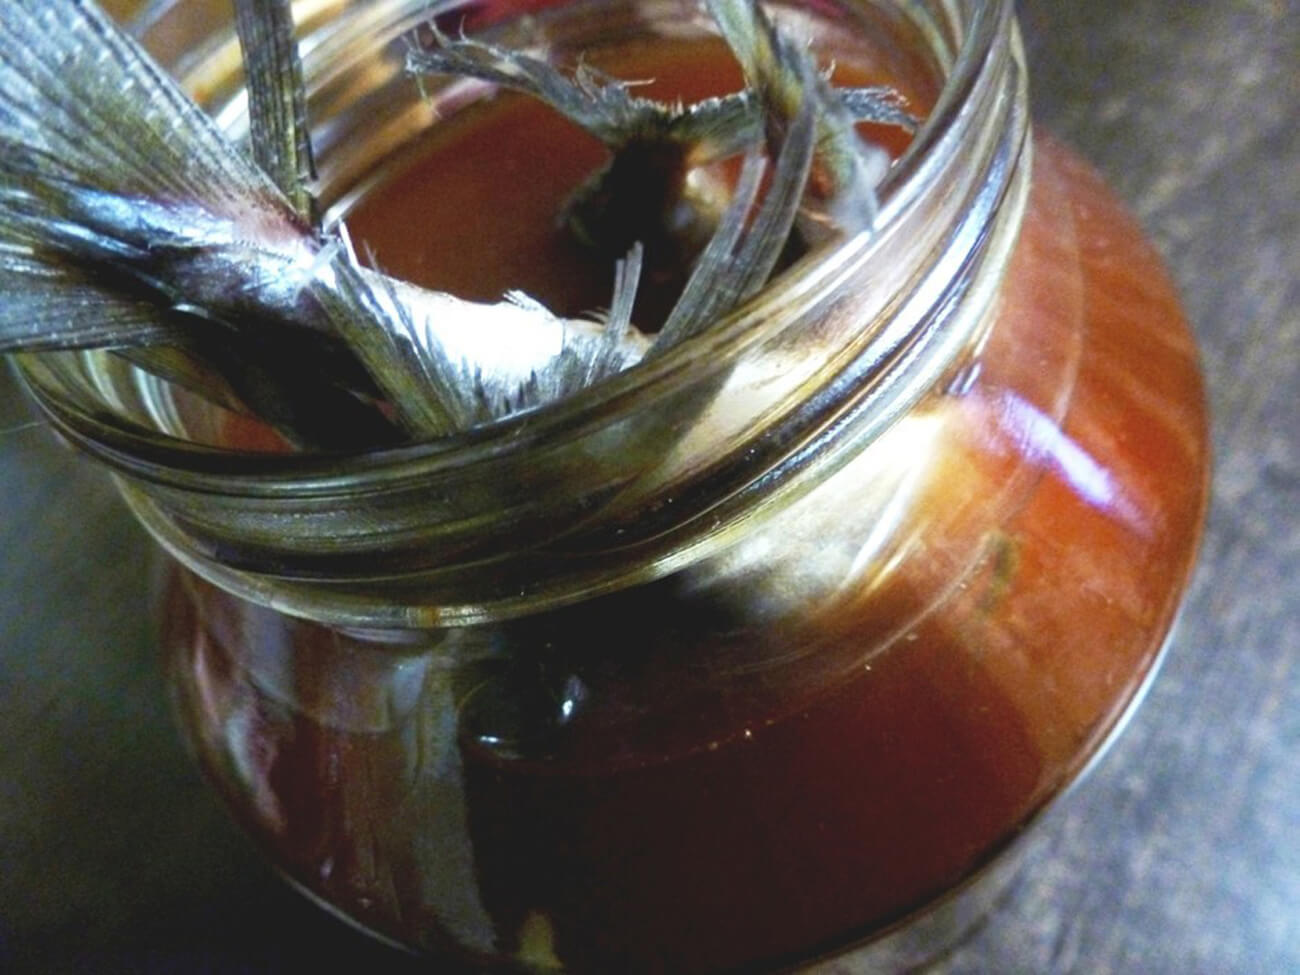 Процедить луково-чайный рассол через сито. Опустить в него тушки скумбрии. Поставить в холодное место для просаливания